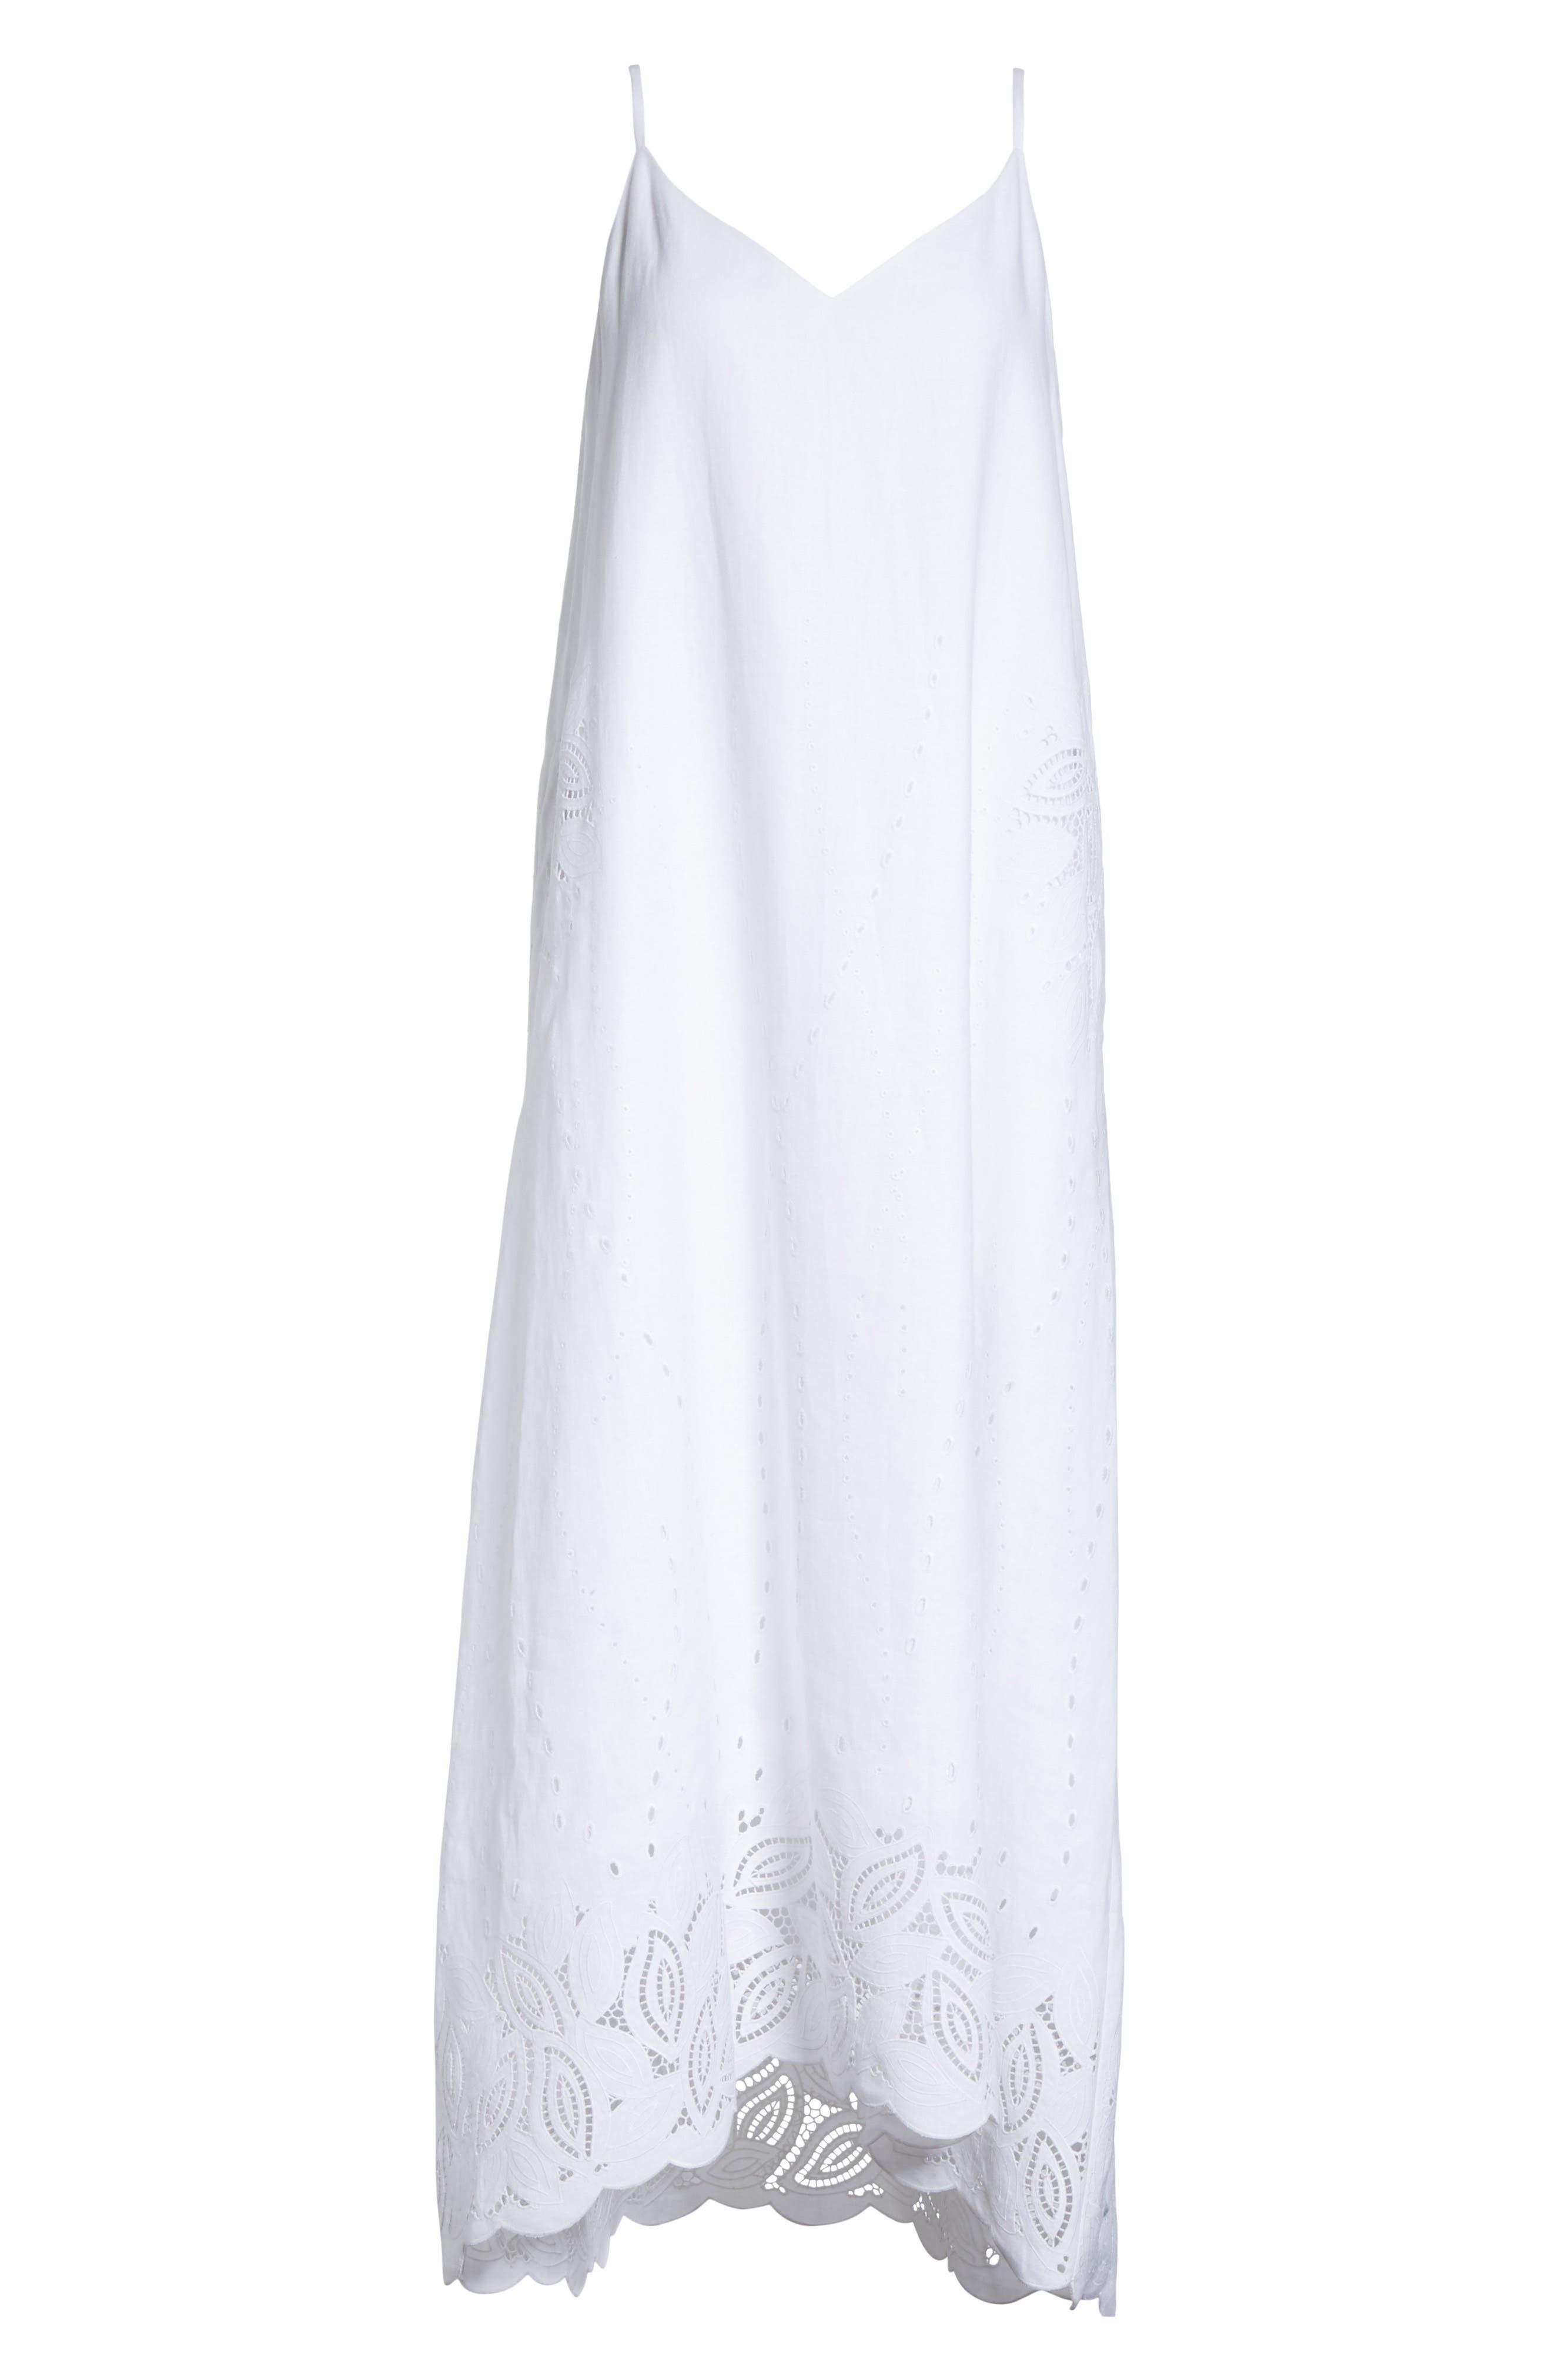 Dominique Linen Cutwork Dress,                             Alternate thumbnail 7, color,                             White